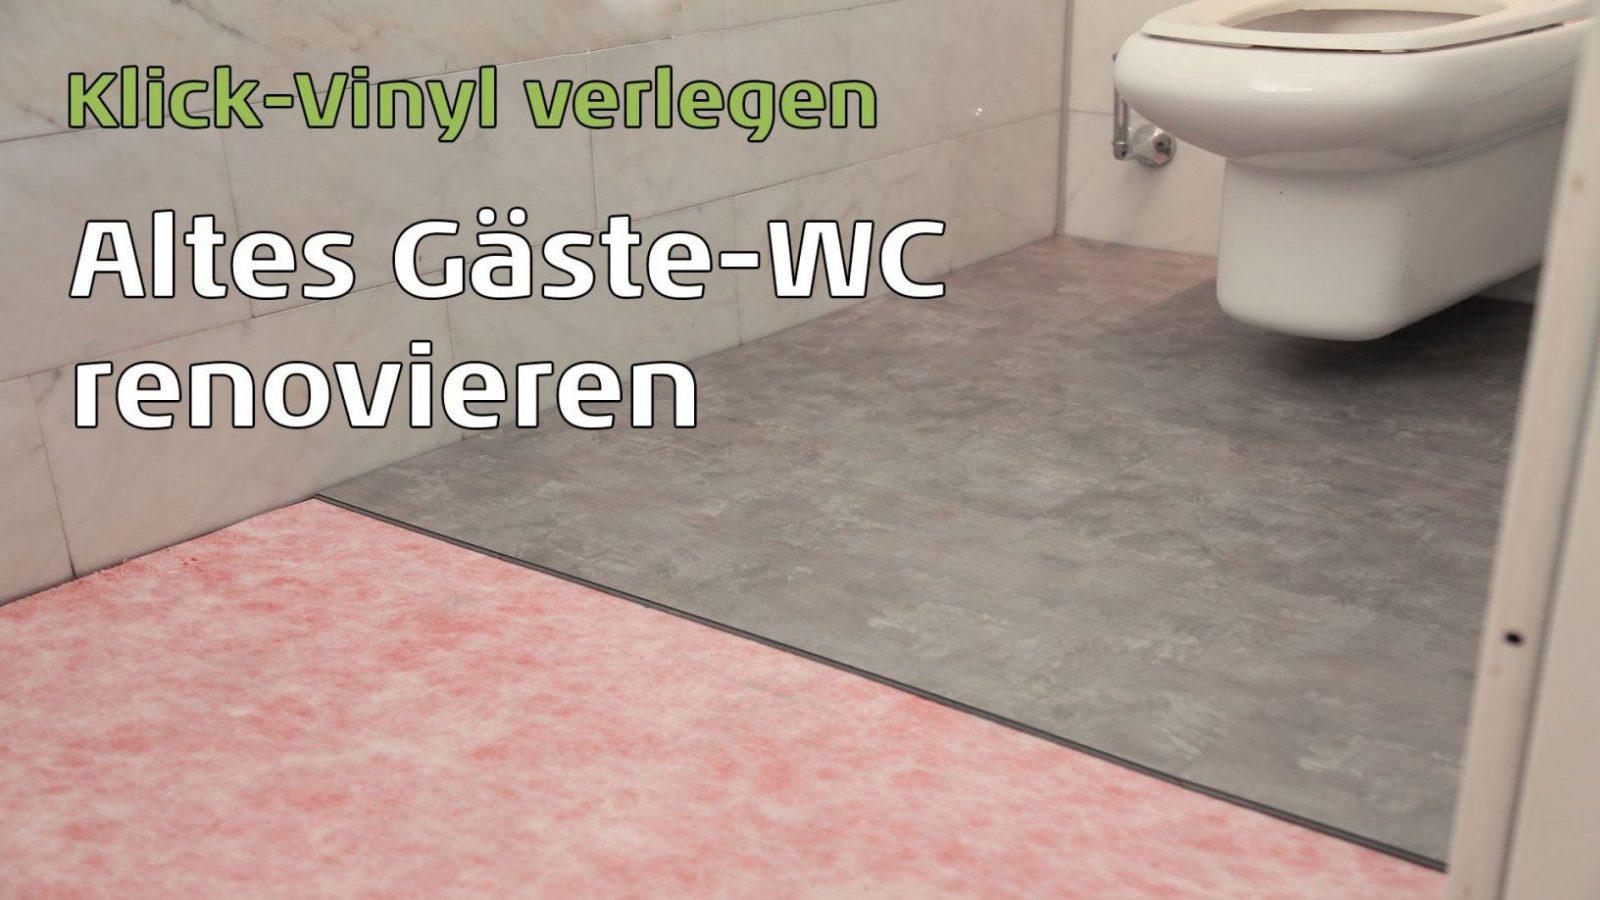 Wc Renovierung Mit Klick Vinyl  Youtube von Vinyl Im Bad Verlegen Bild